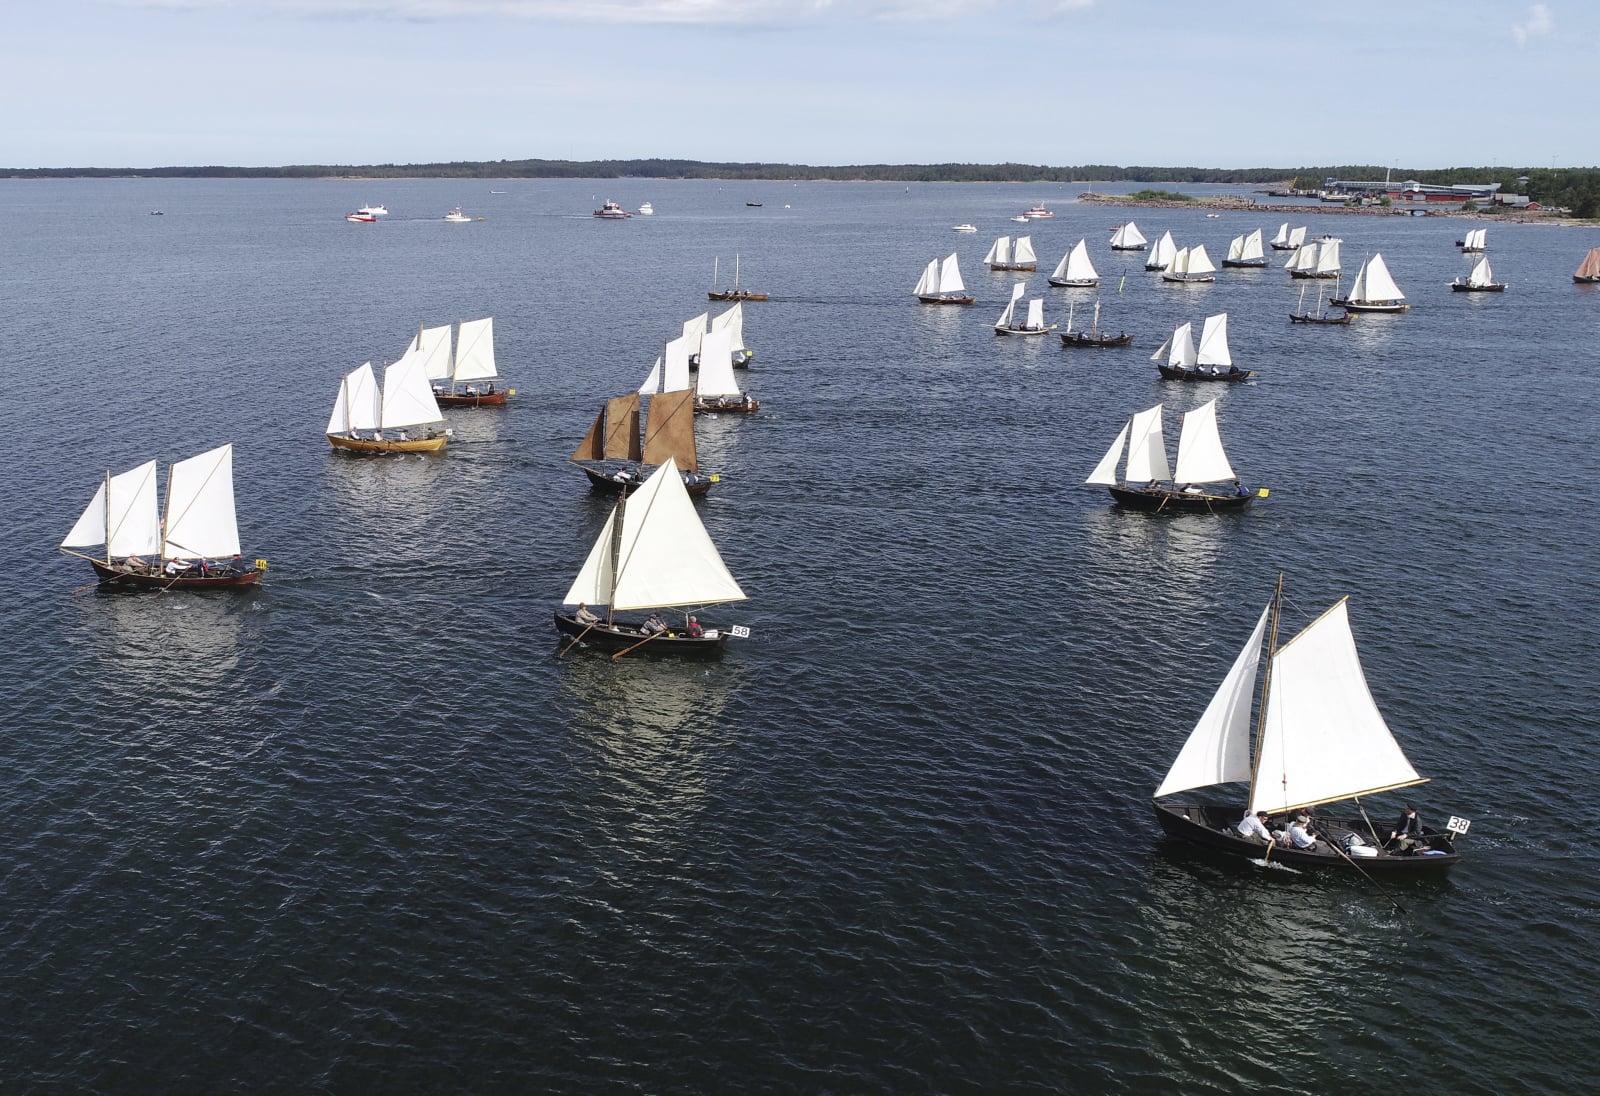 Turniej żeglarski w Szwecji fot. EPA/Fredrik Sandberg/TT